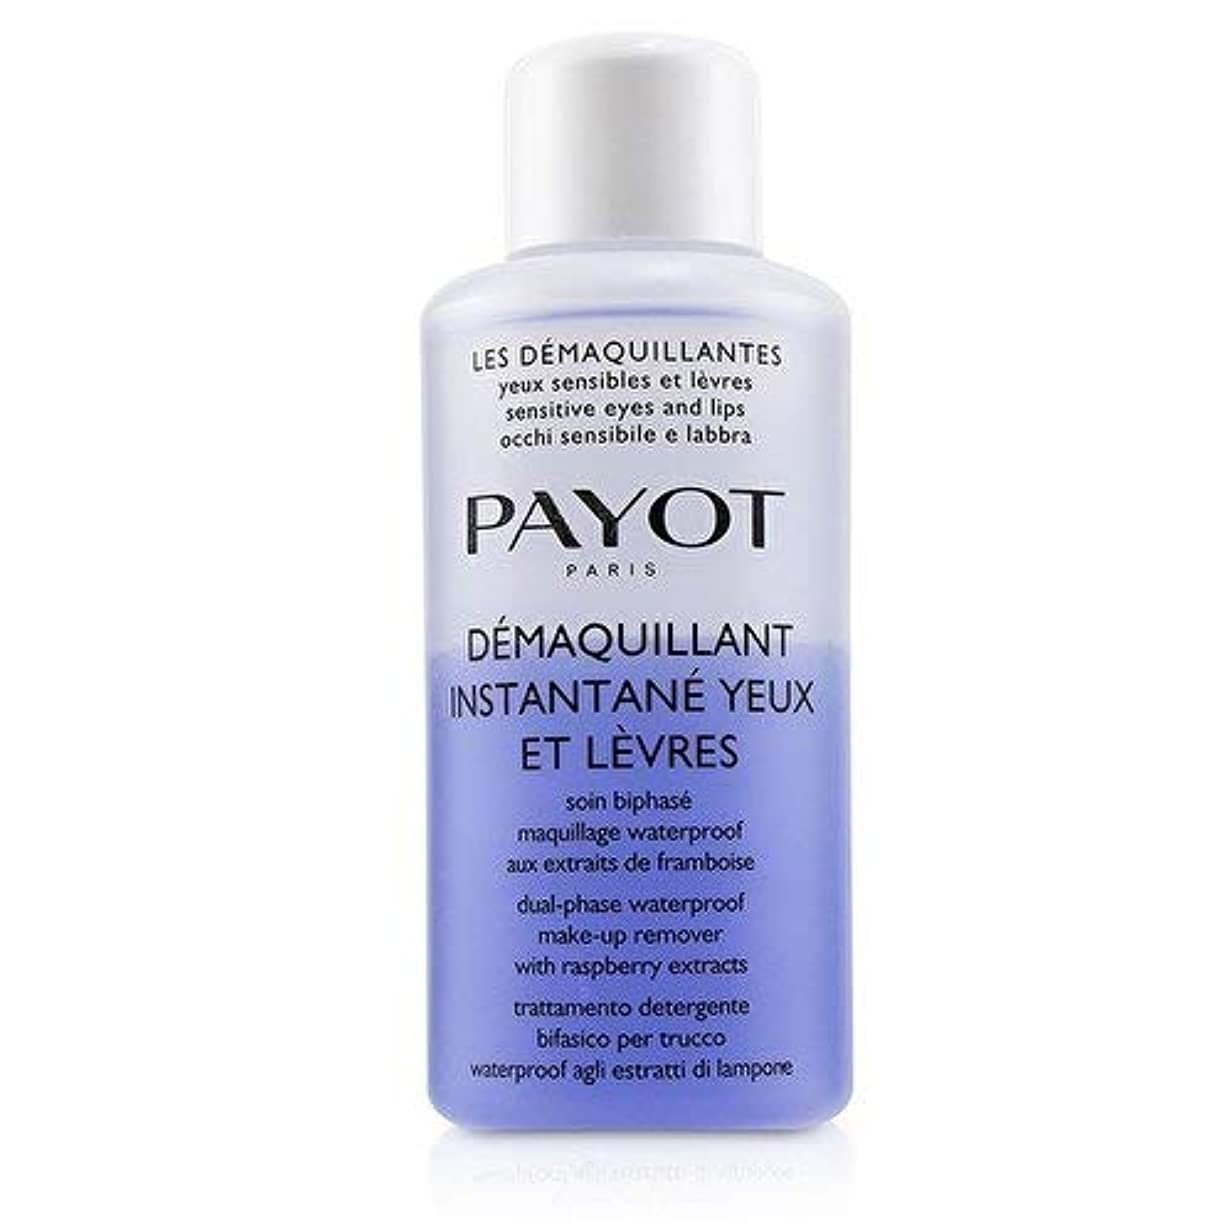 警告する入り口等々パイヨ Les Demaquillantes Demaquillant Instantane Yeux Dual-Phase Waterproof Make-Up Remover - For Sensitive Eyes...